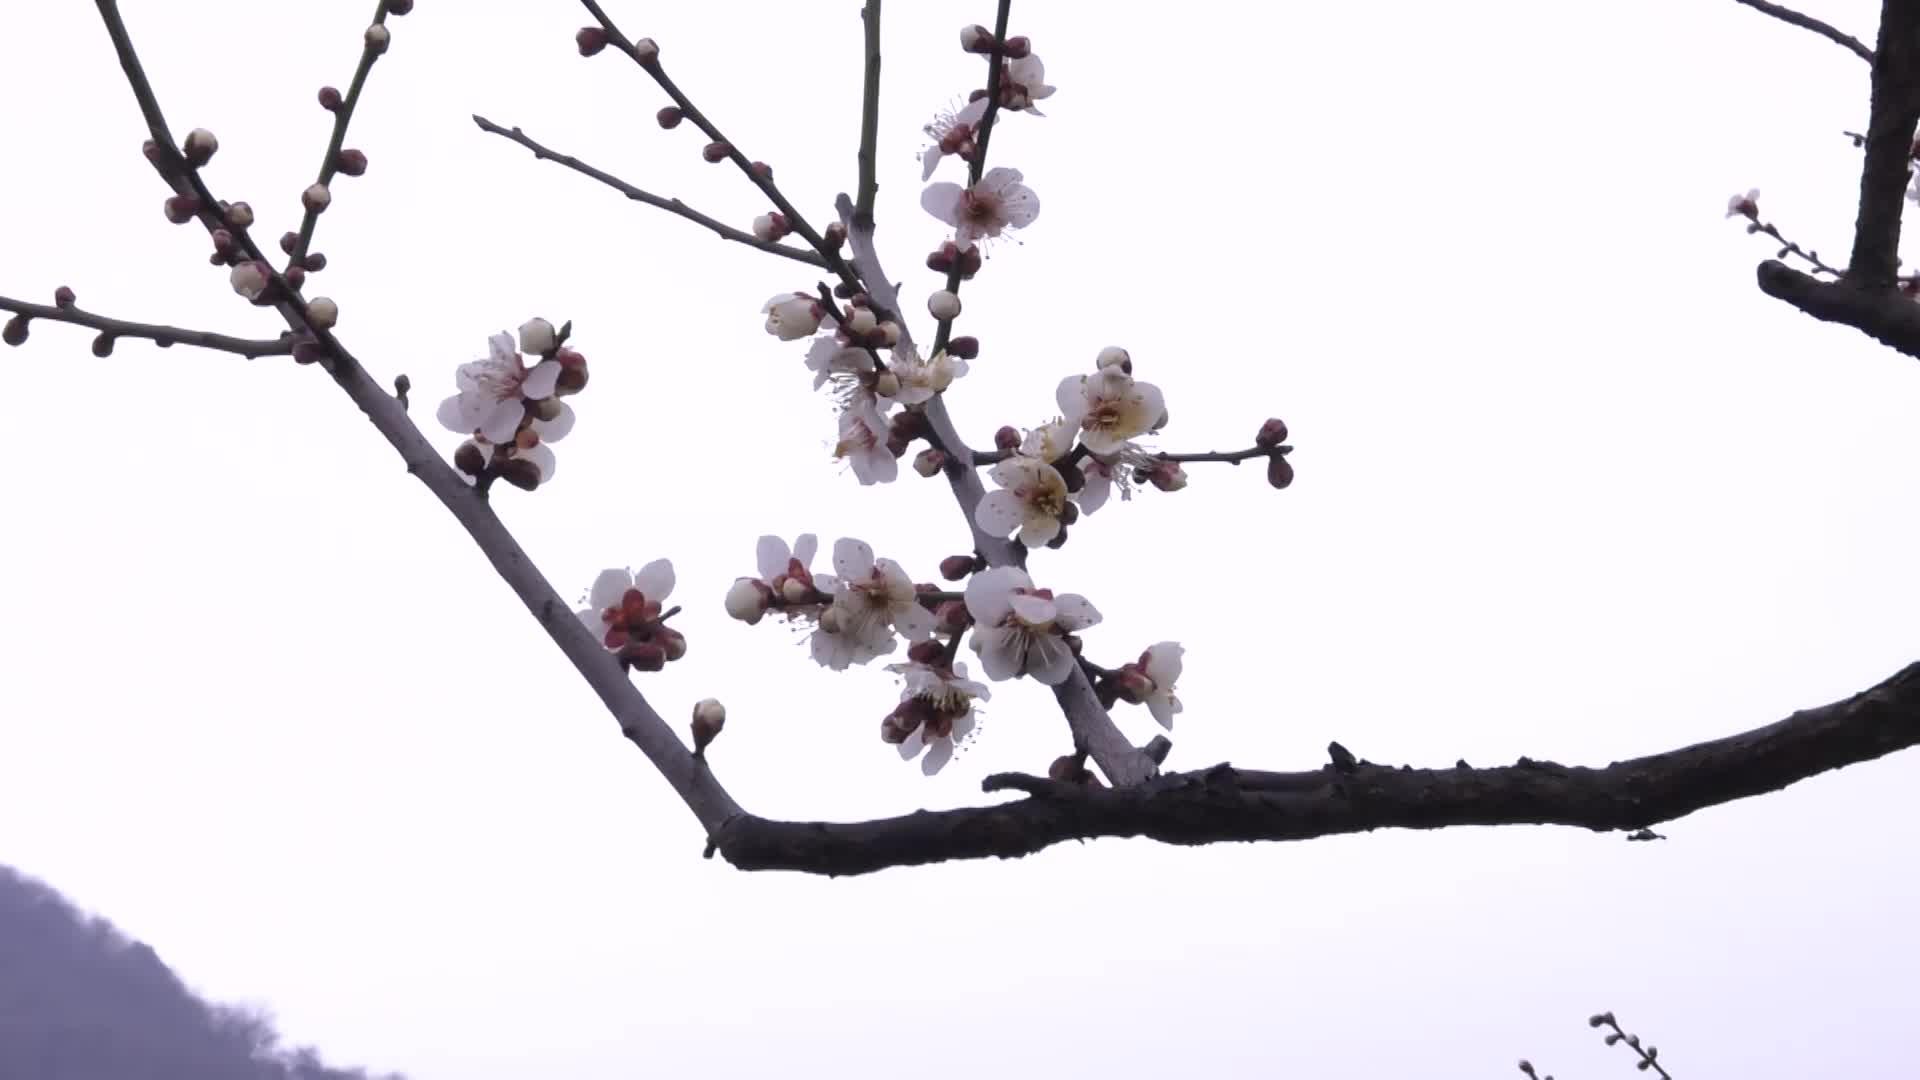 杭州超山5万余株梅花渐入佳境 新春佳节,杭州超山风景区的5万余株梅